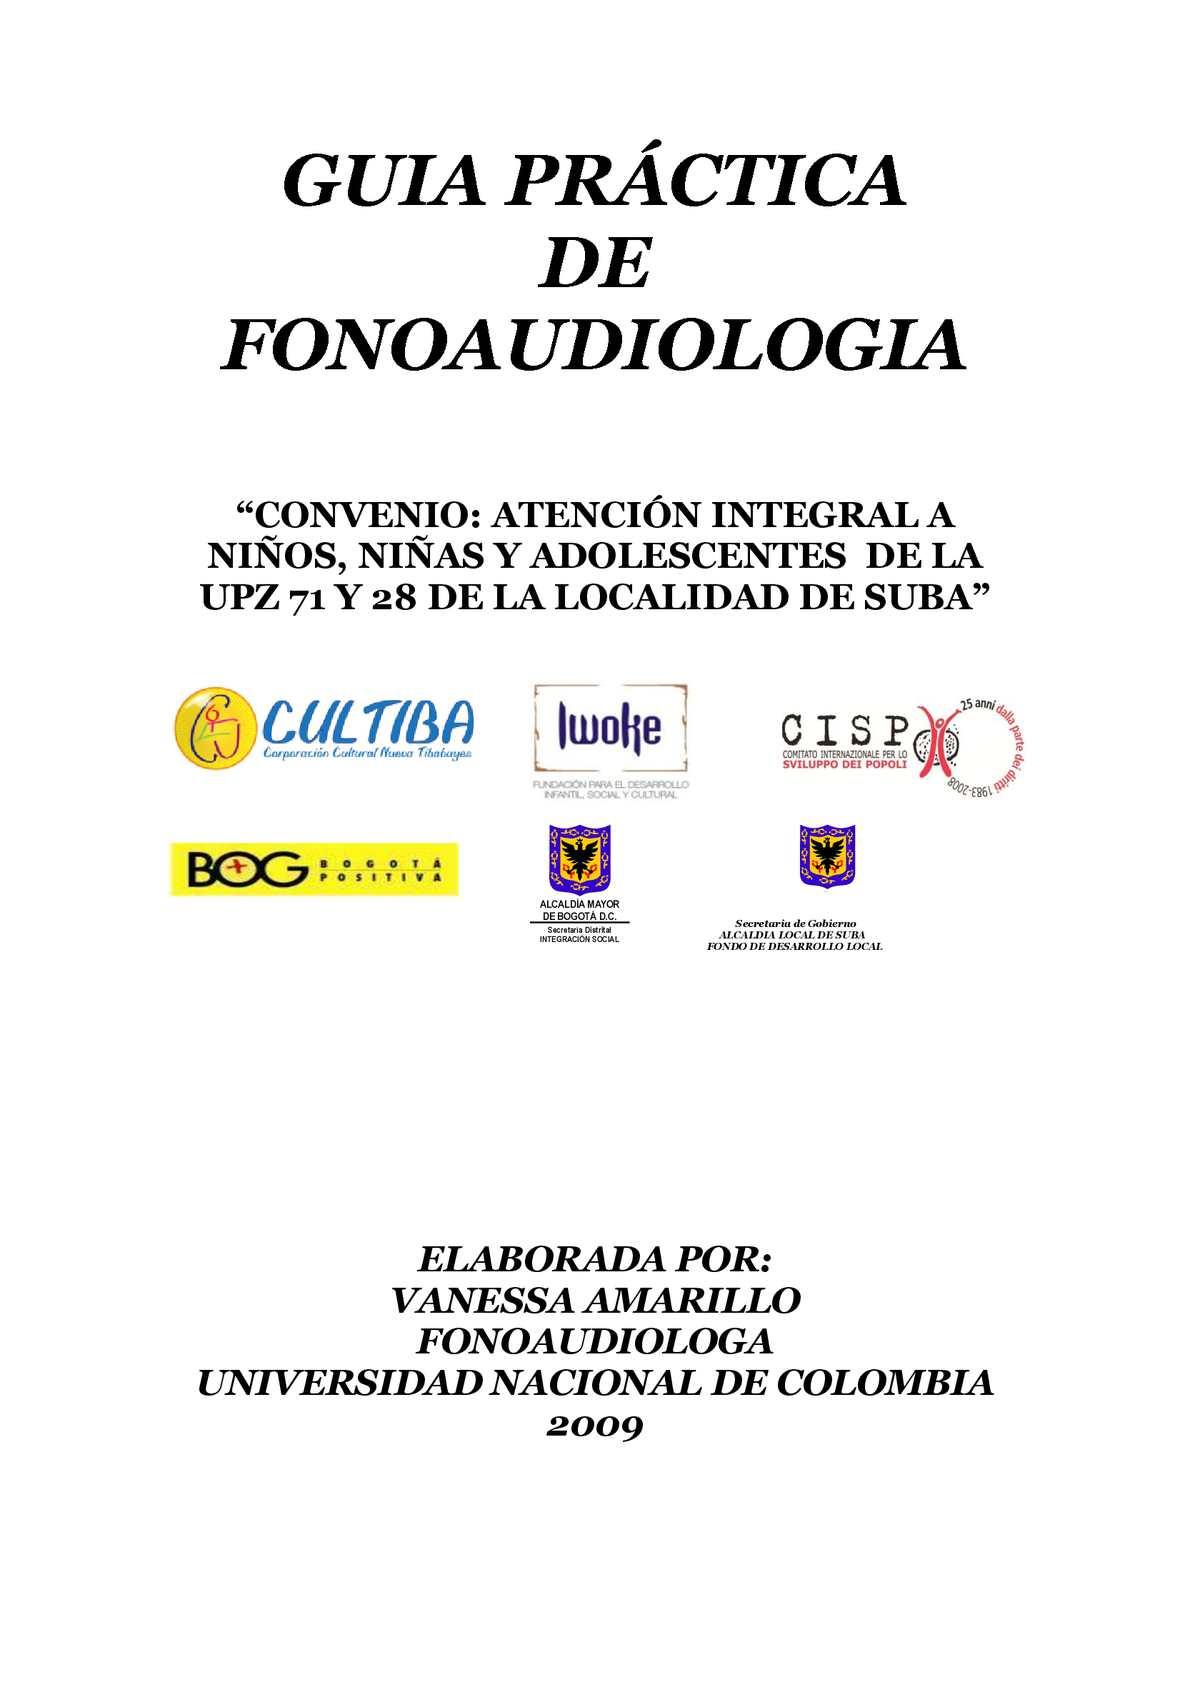 Calaméo - GUIA DE FONOAUDIOLOGIA